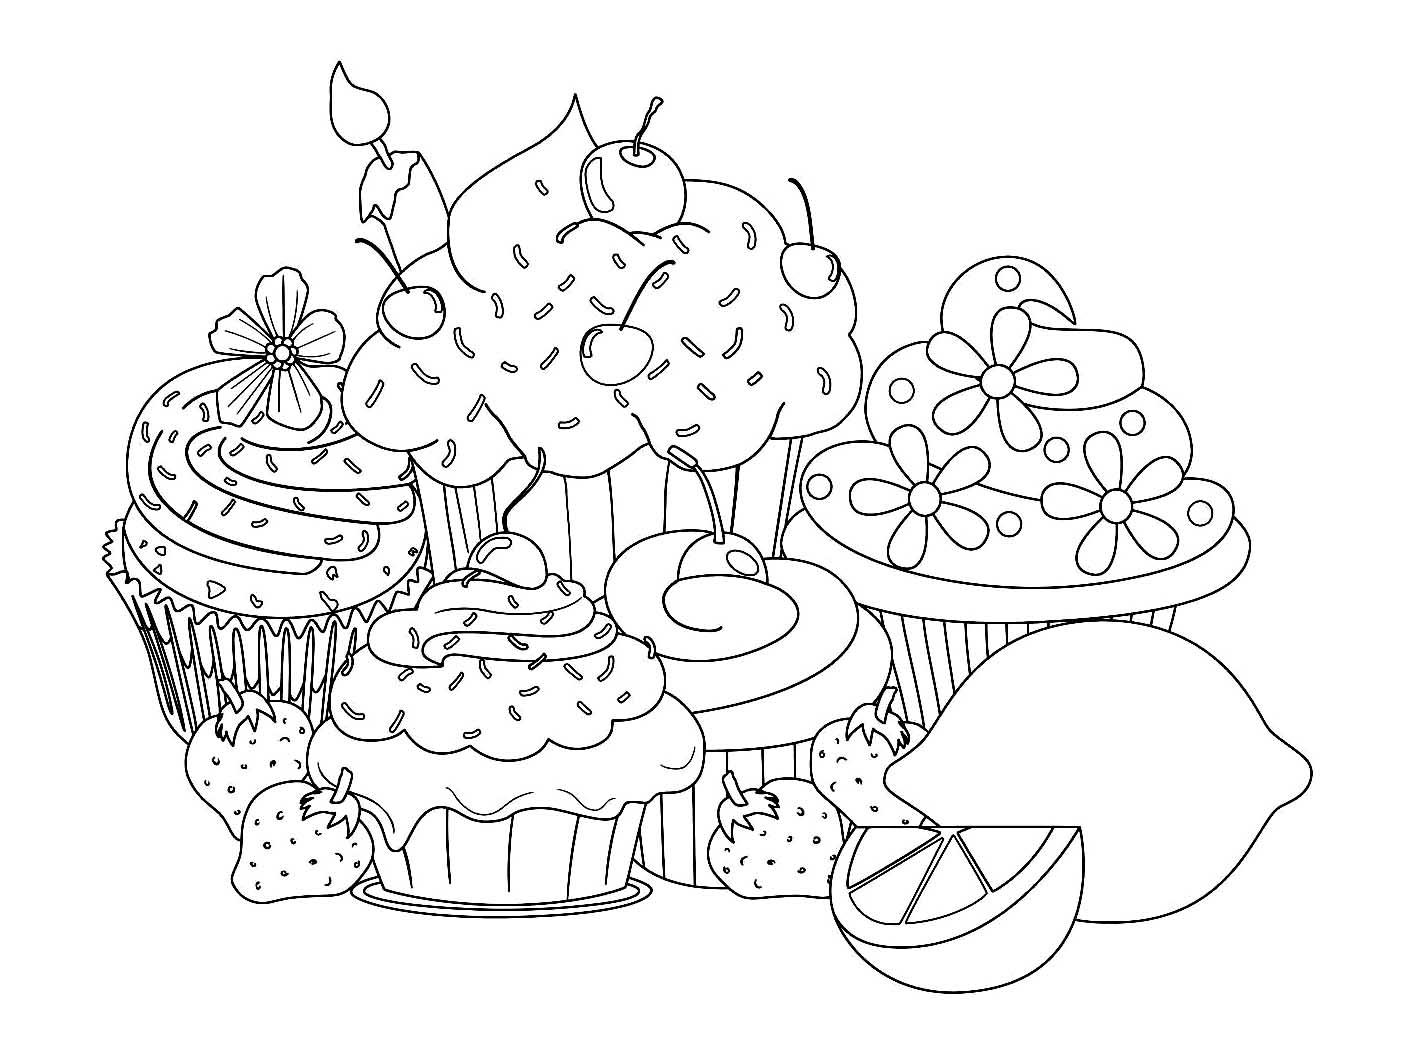 Colorear para adultos  : Cupcakes - 13